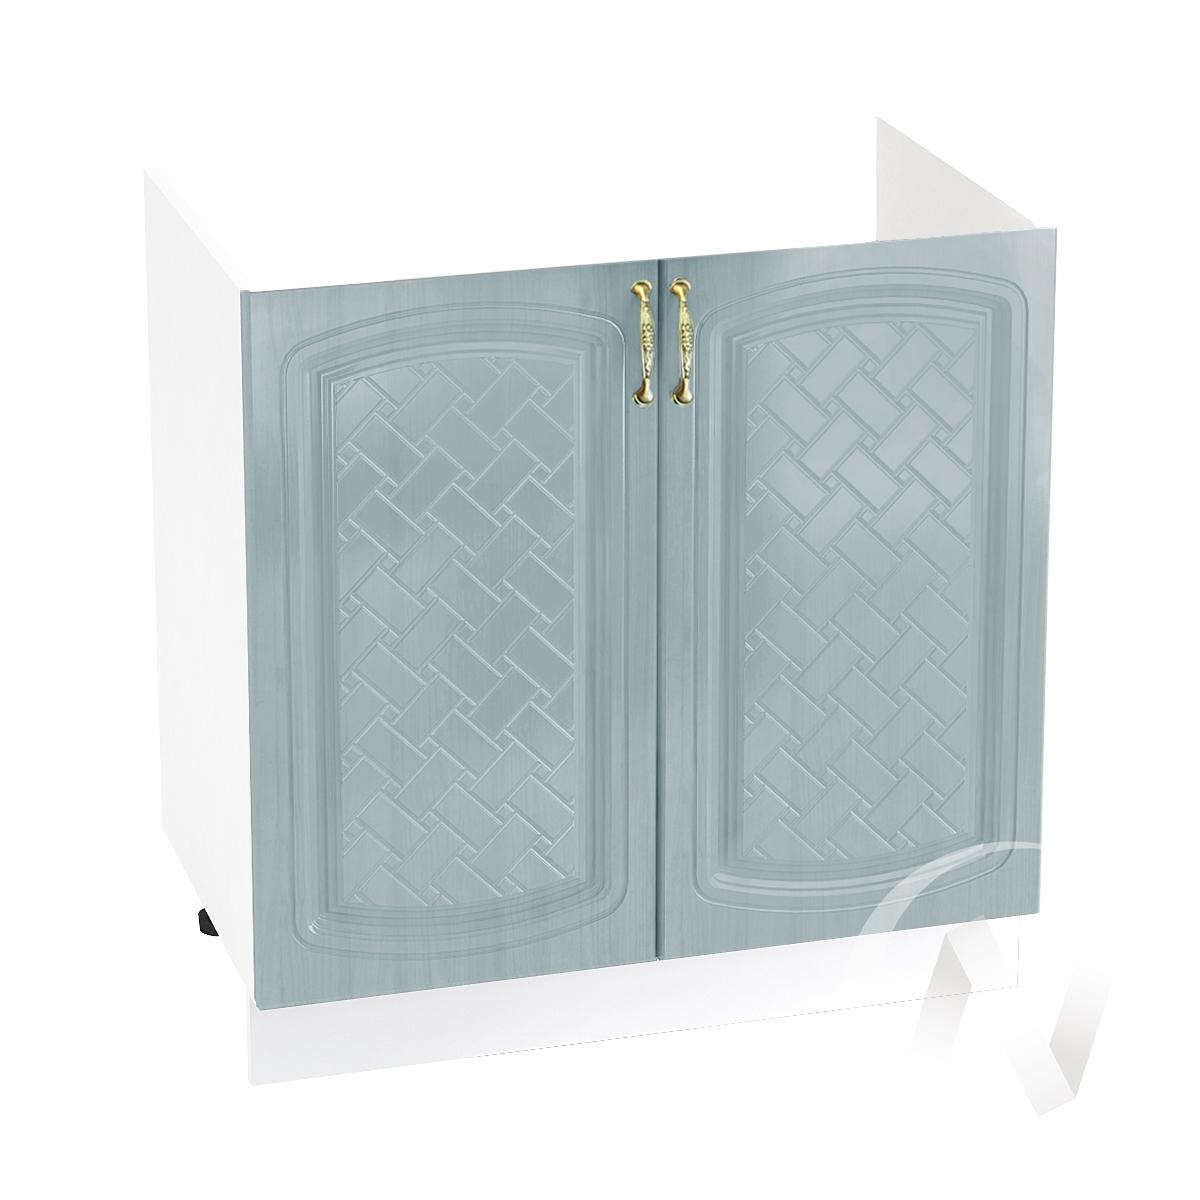 """Кухня """"Сити"""": Шкаф нижний под мойку 800, ШНМ 800 (корпус белый)"""